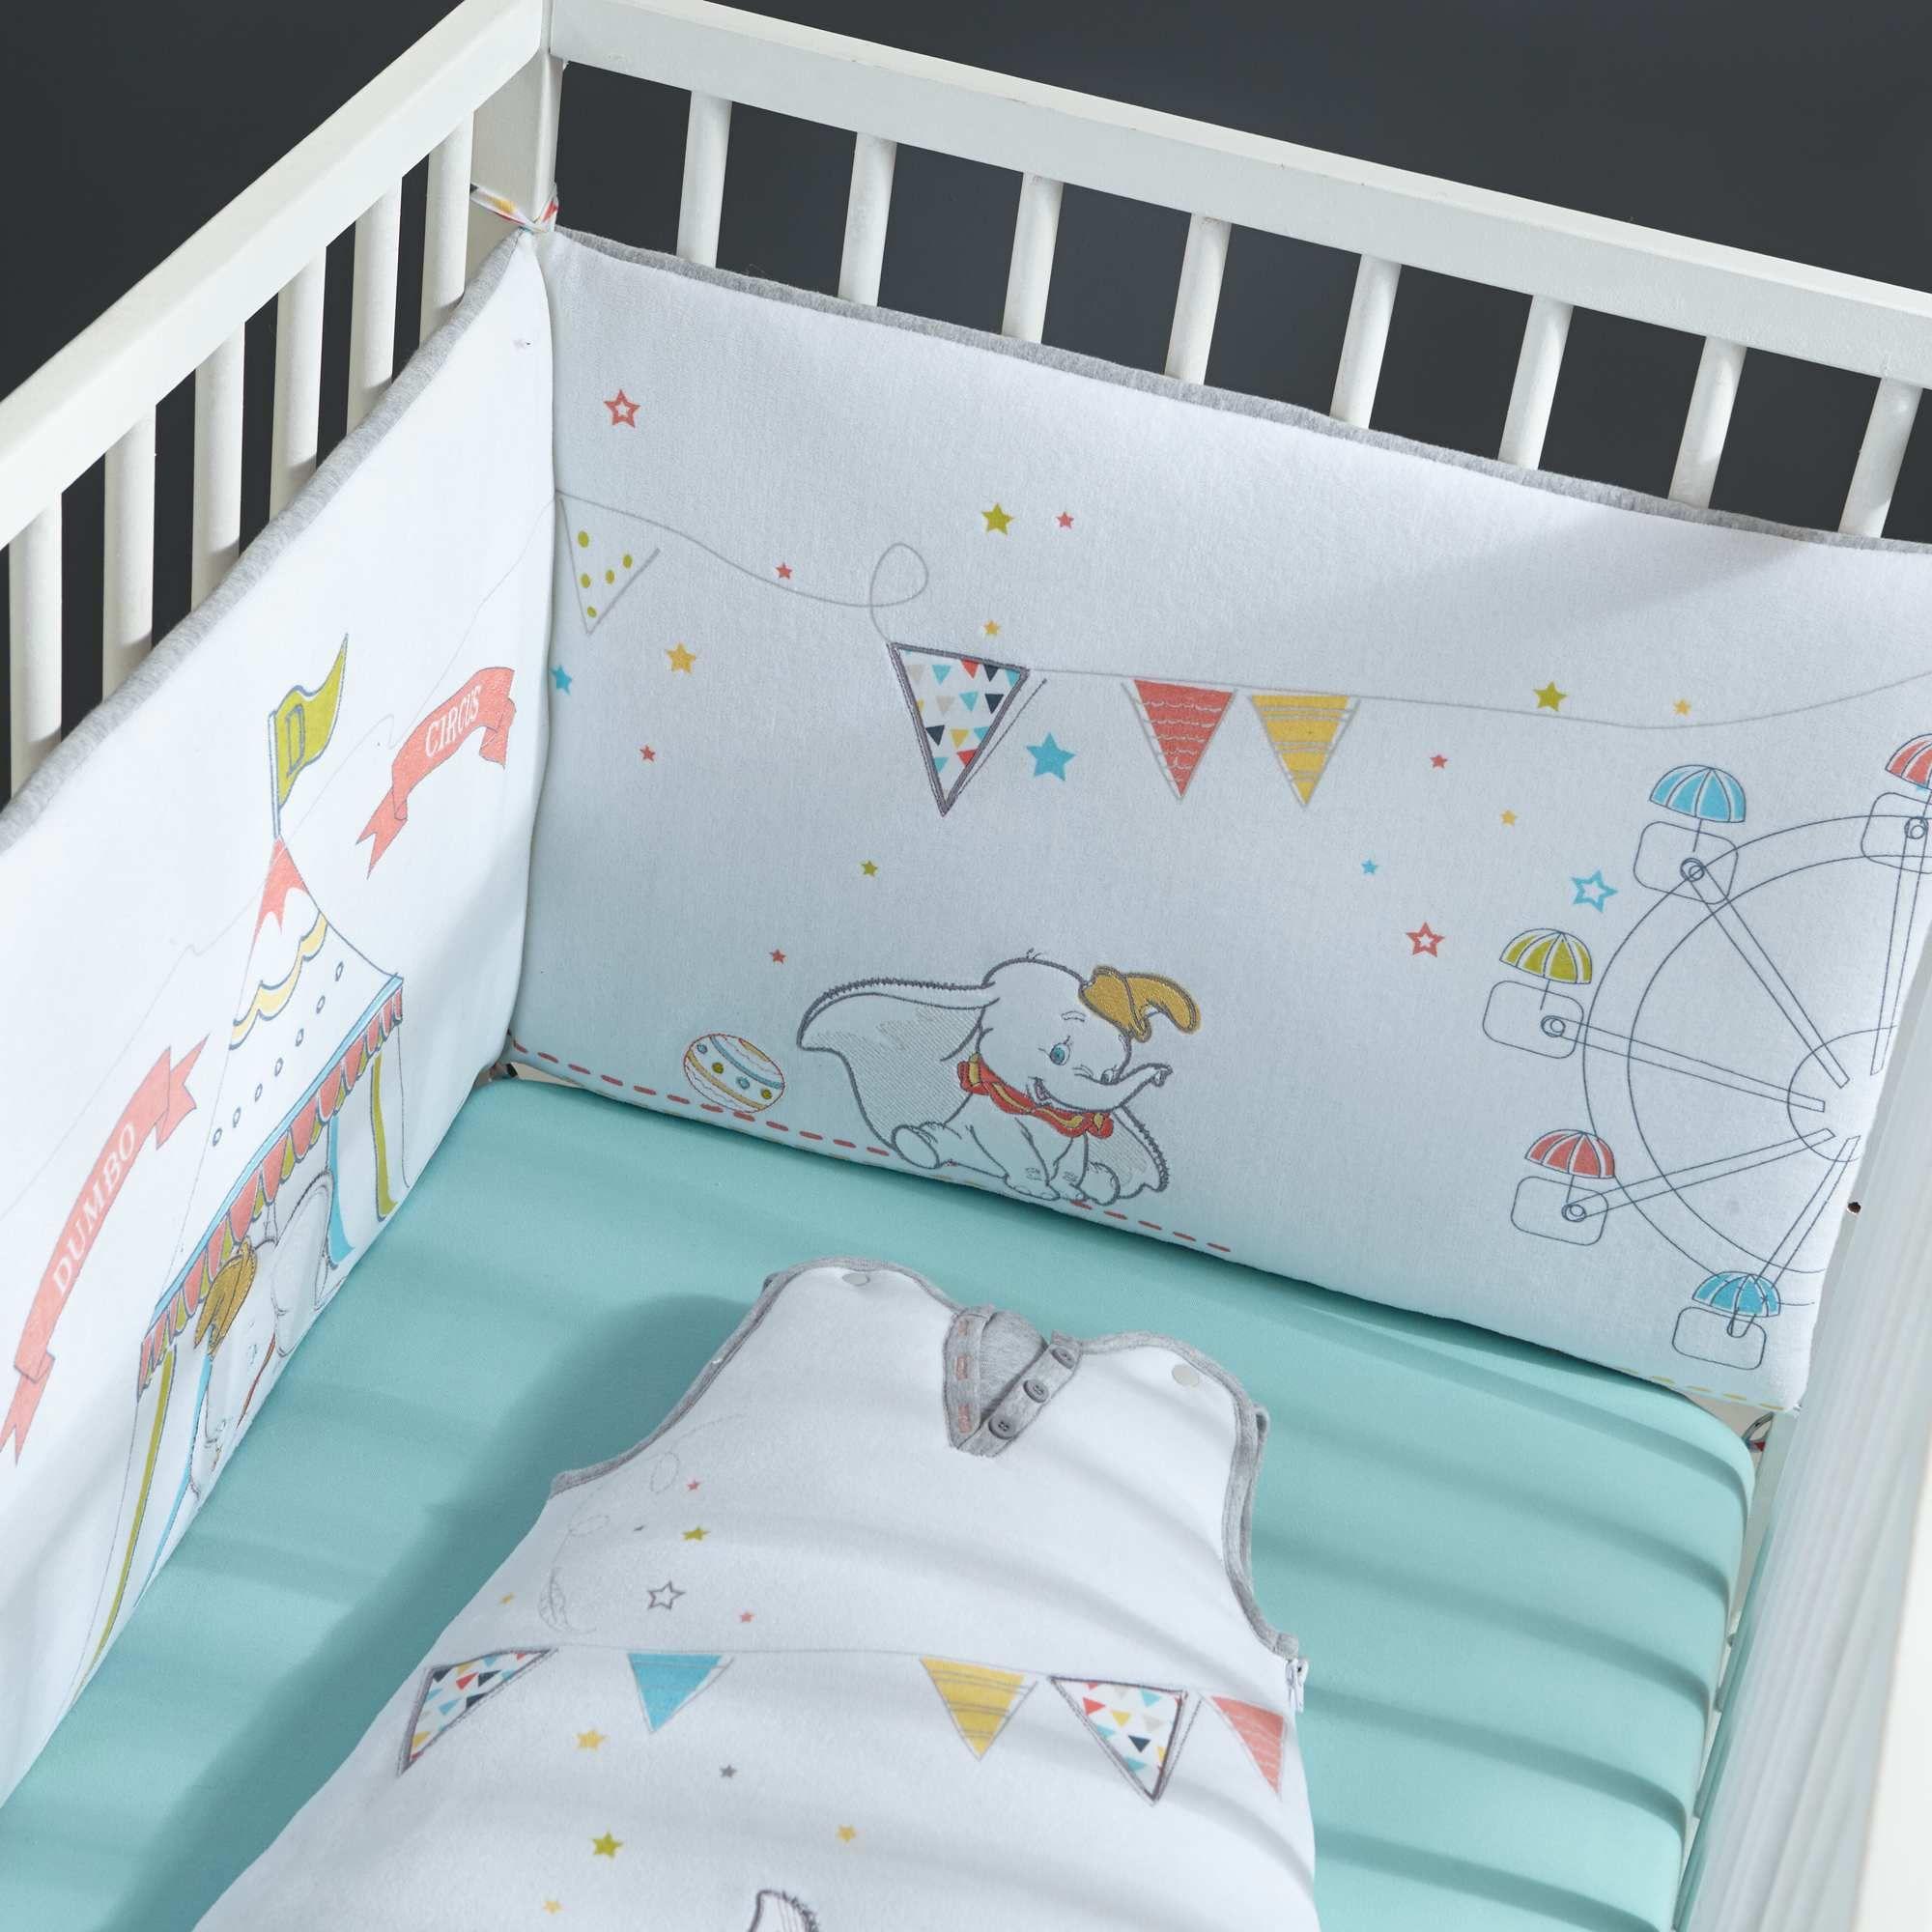 tour de lit bébé disney chambre dumbo   Recherche Google | Dumbo kid's room | Pinterest  tour de lit bébé disney